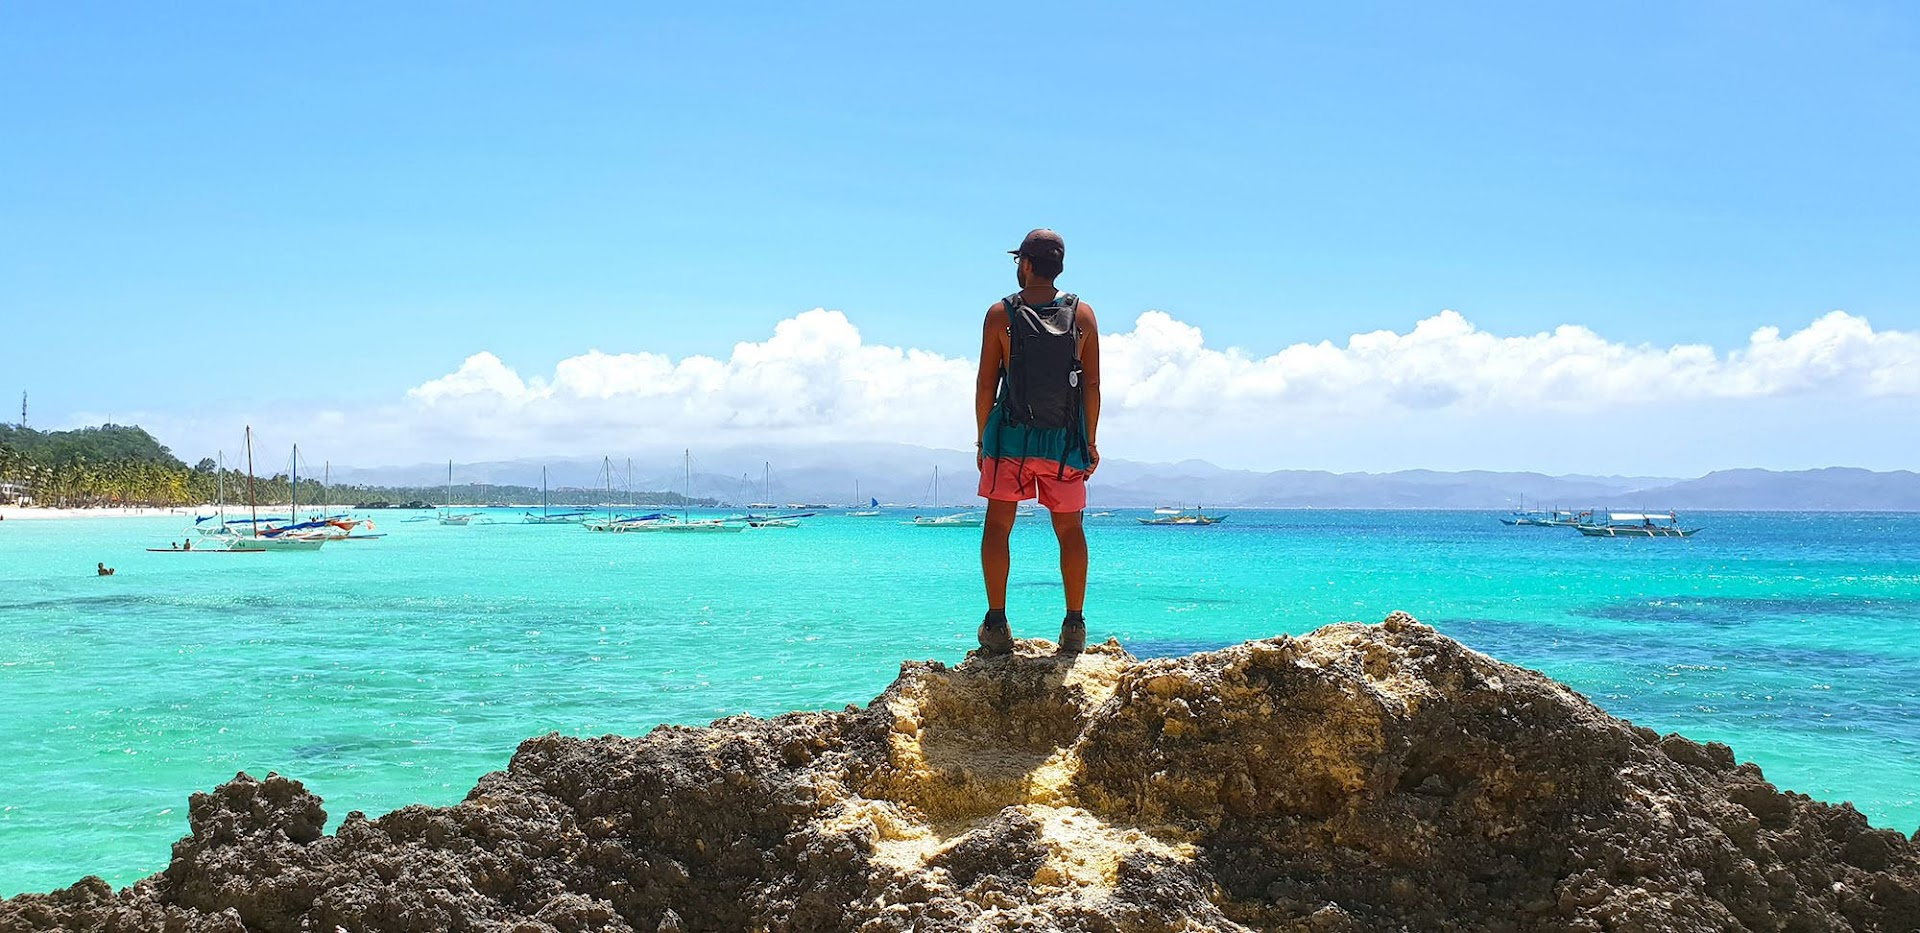 VISITAR BORACAY, de party island a um belo destino de praia em família e lua-de-mel nas Filipinas